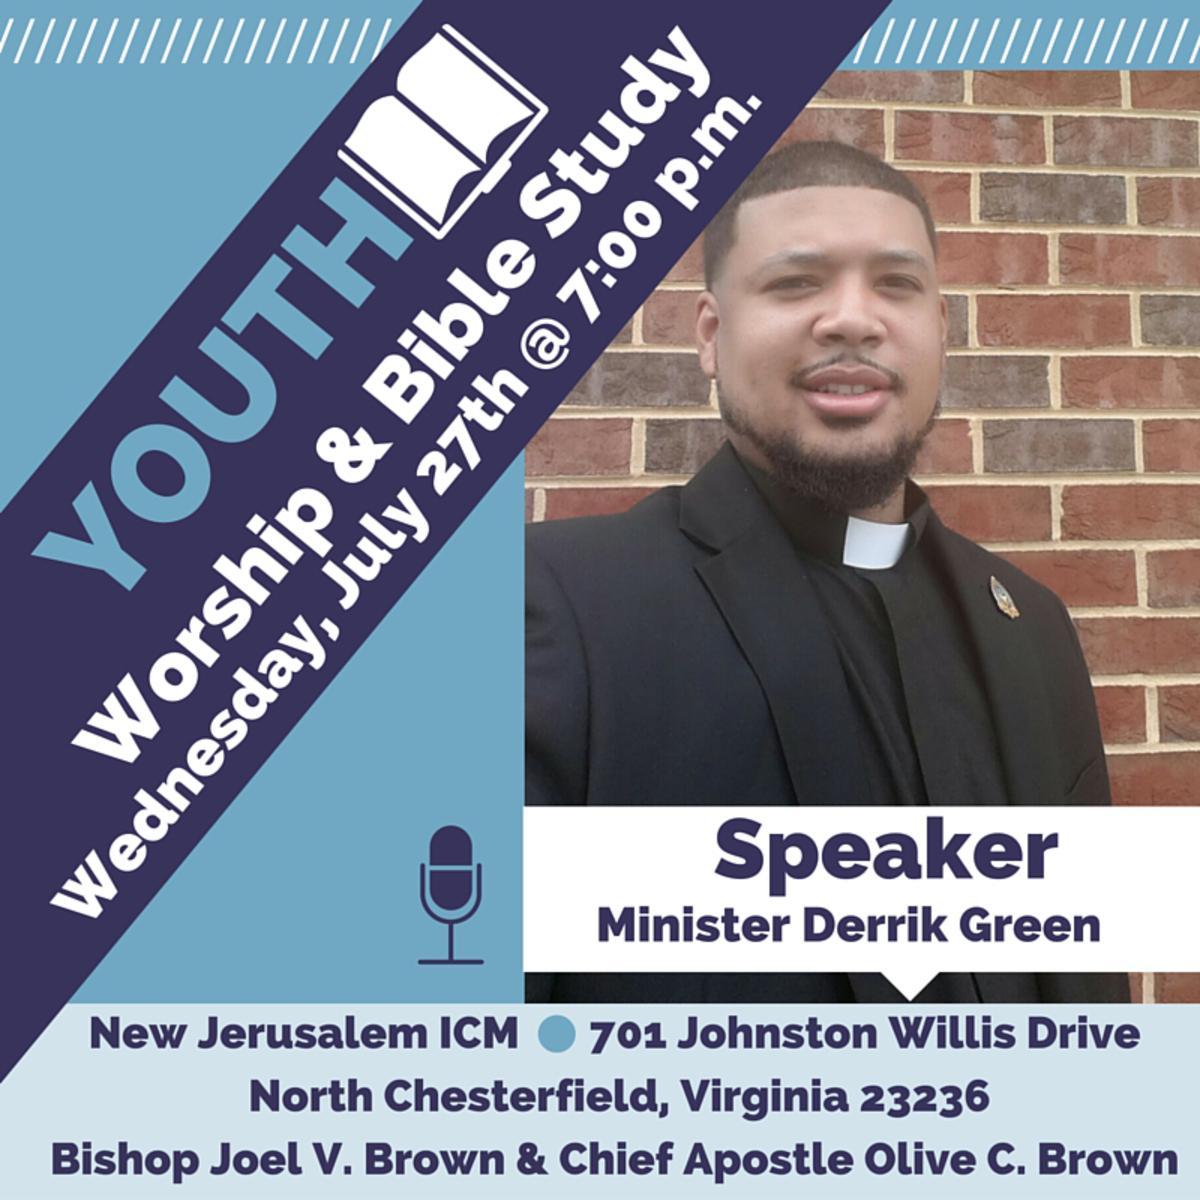 Speaker: Minister Derrick Green